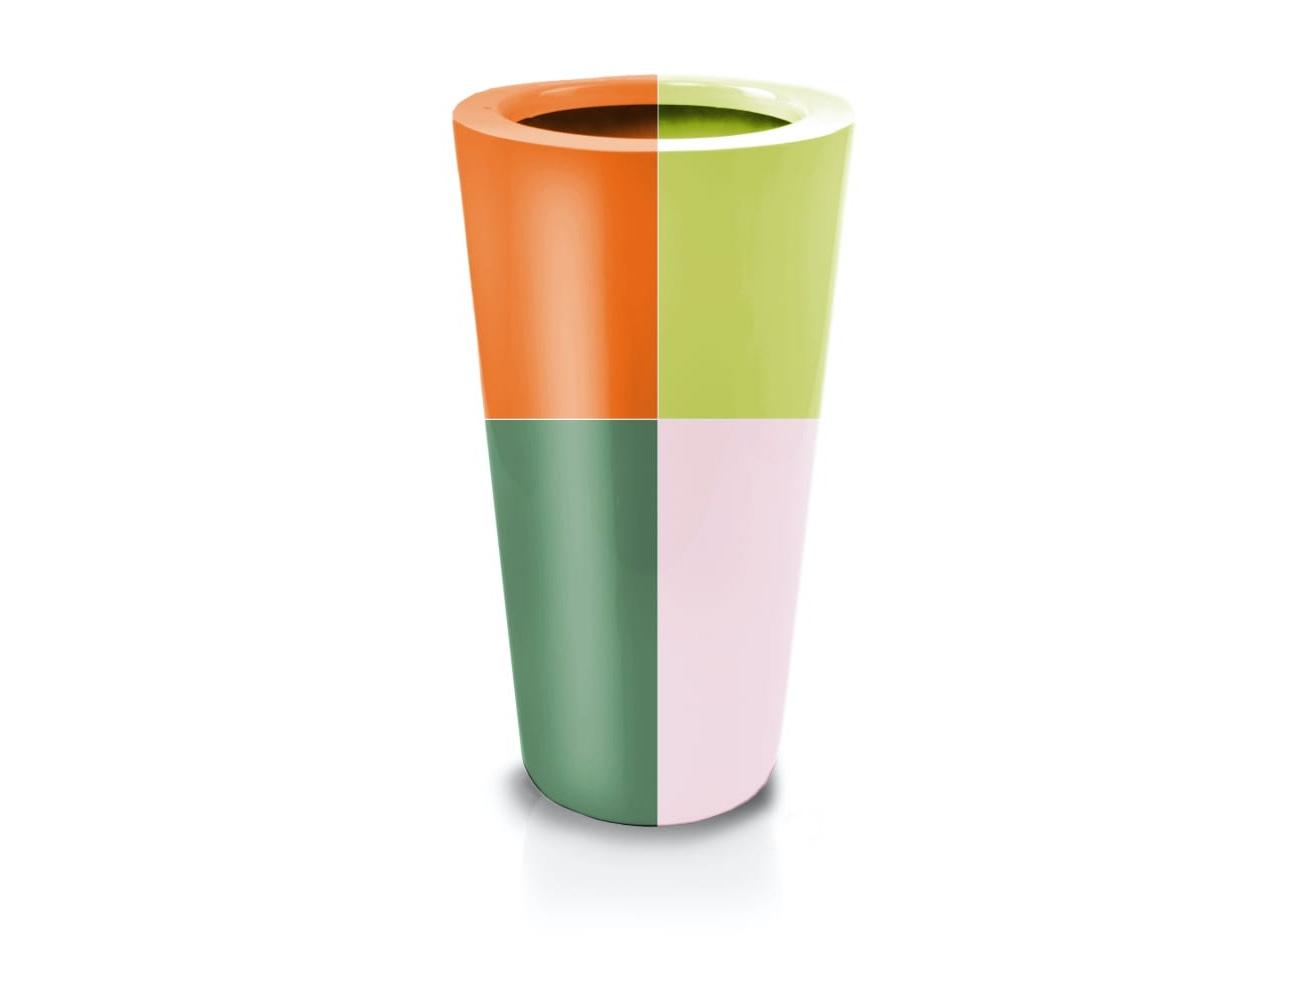 Donica Fiberglass Cone 92x44 cm kolor na zamówienie